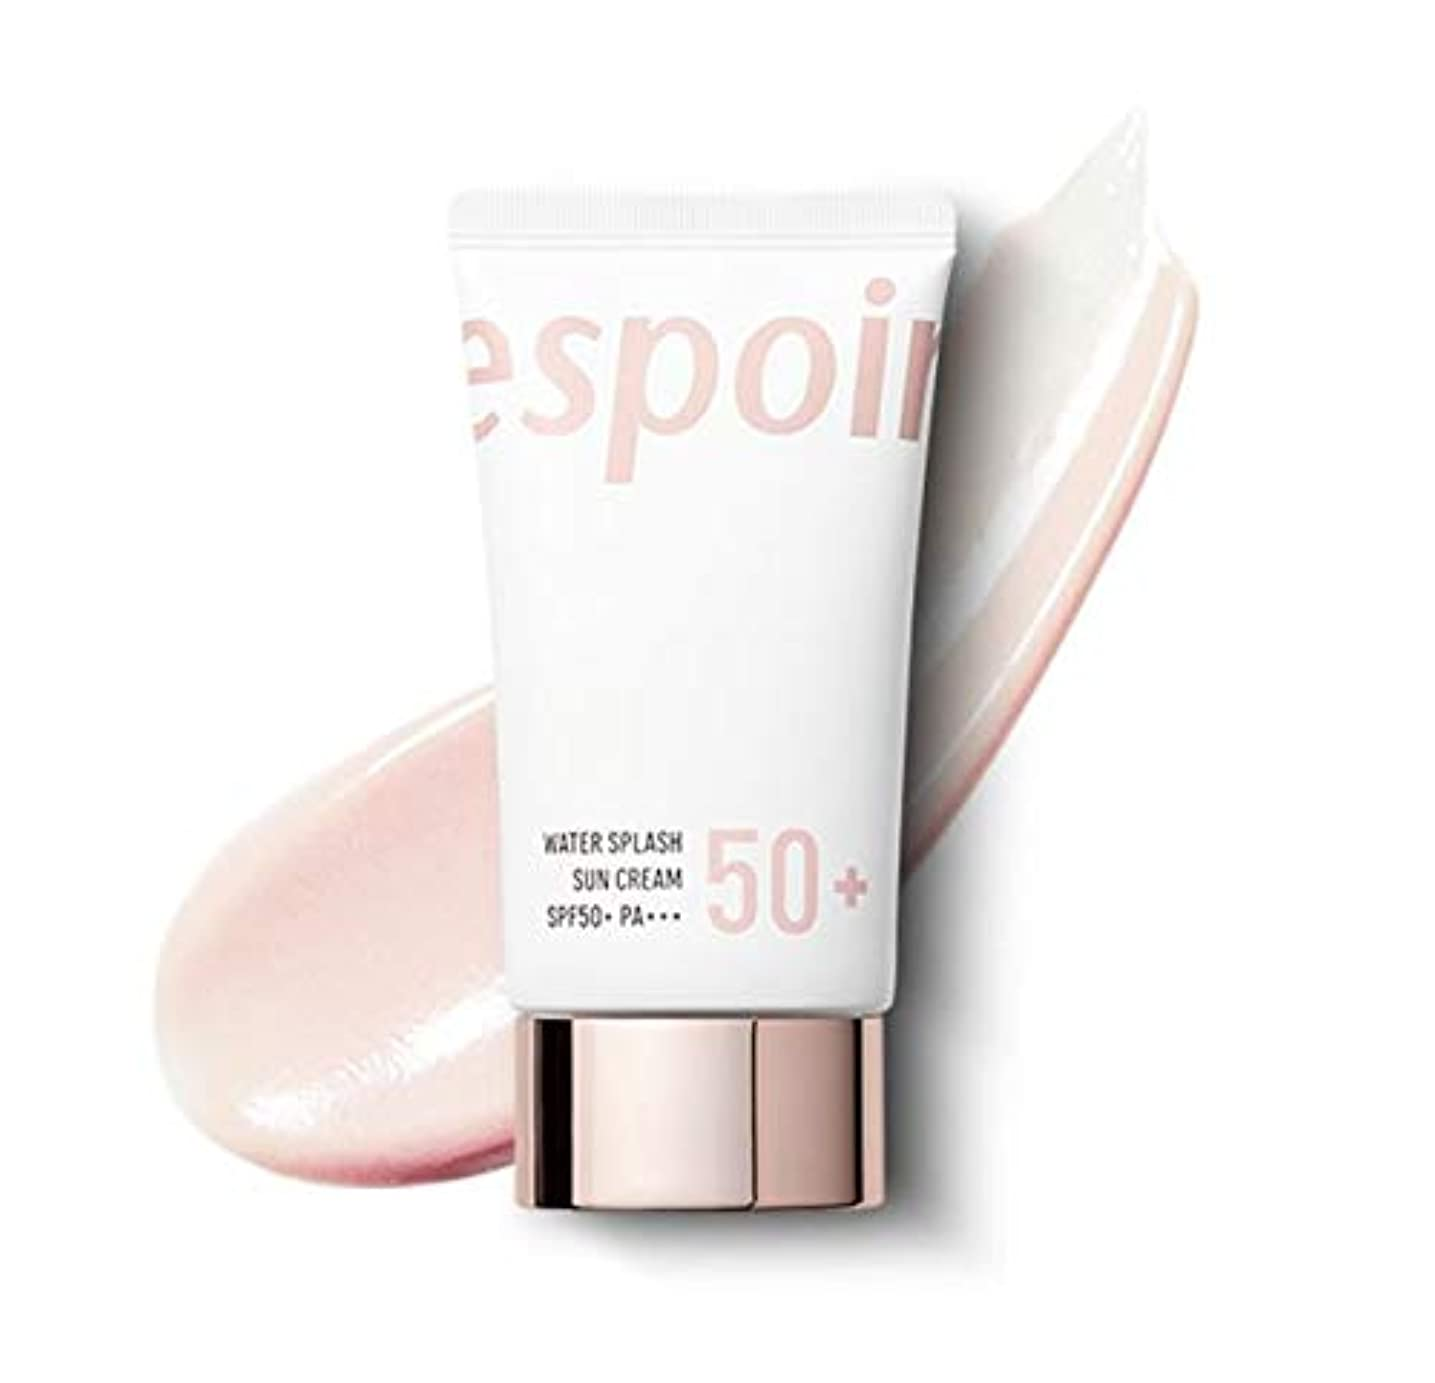 落ち着いて引っ張る愛するeSpoir Water Splash Sun Cream SPF50+PA+++ (R) / エスポワール ウォータースプラッシュ サンクリーム 60ml [並行輸入品]